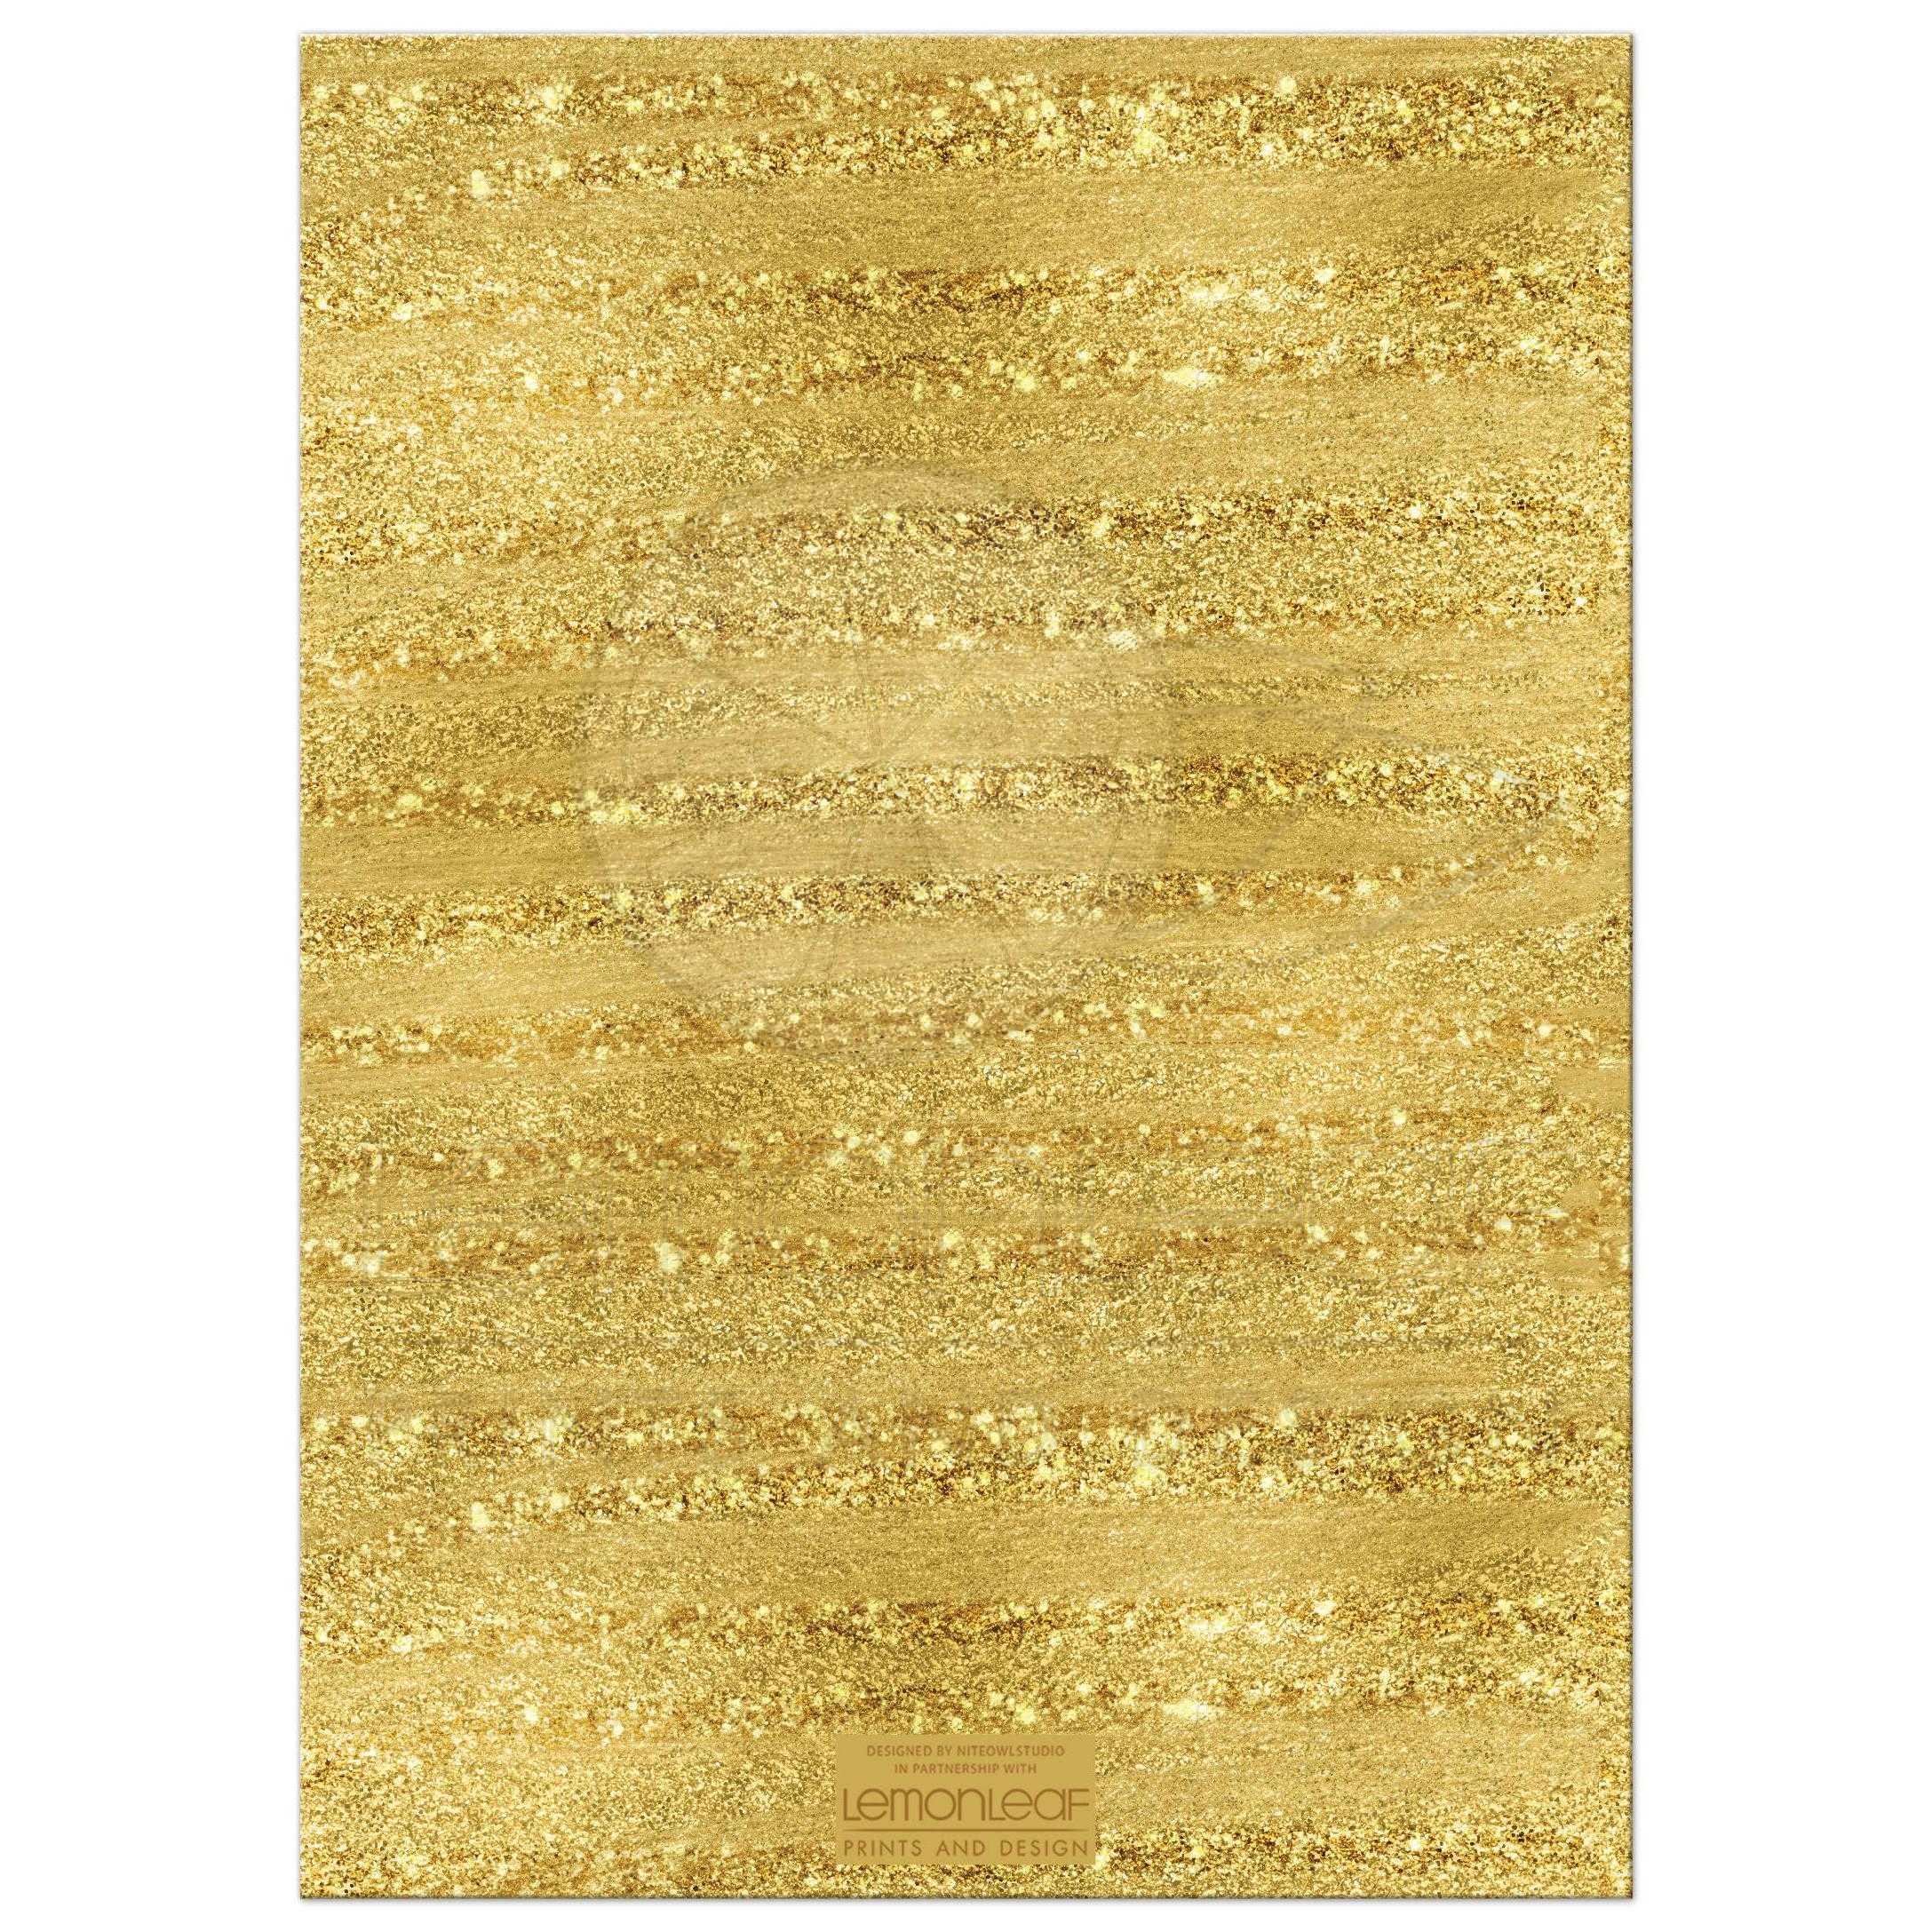 Golden Anniversary Invitation Black Faux Gold Foil